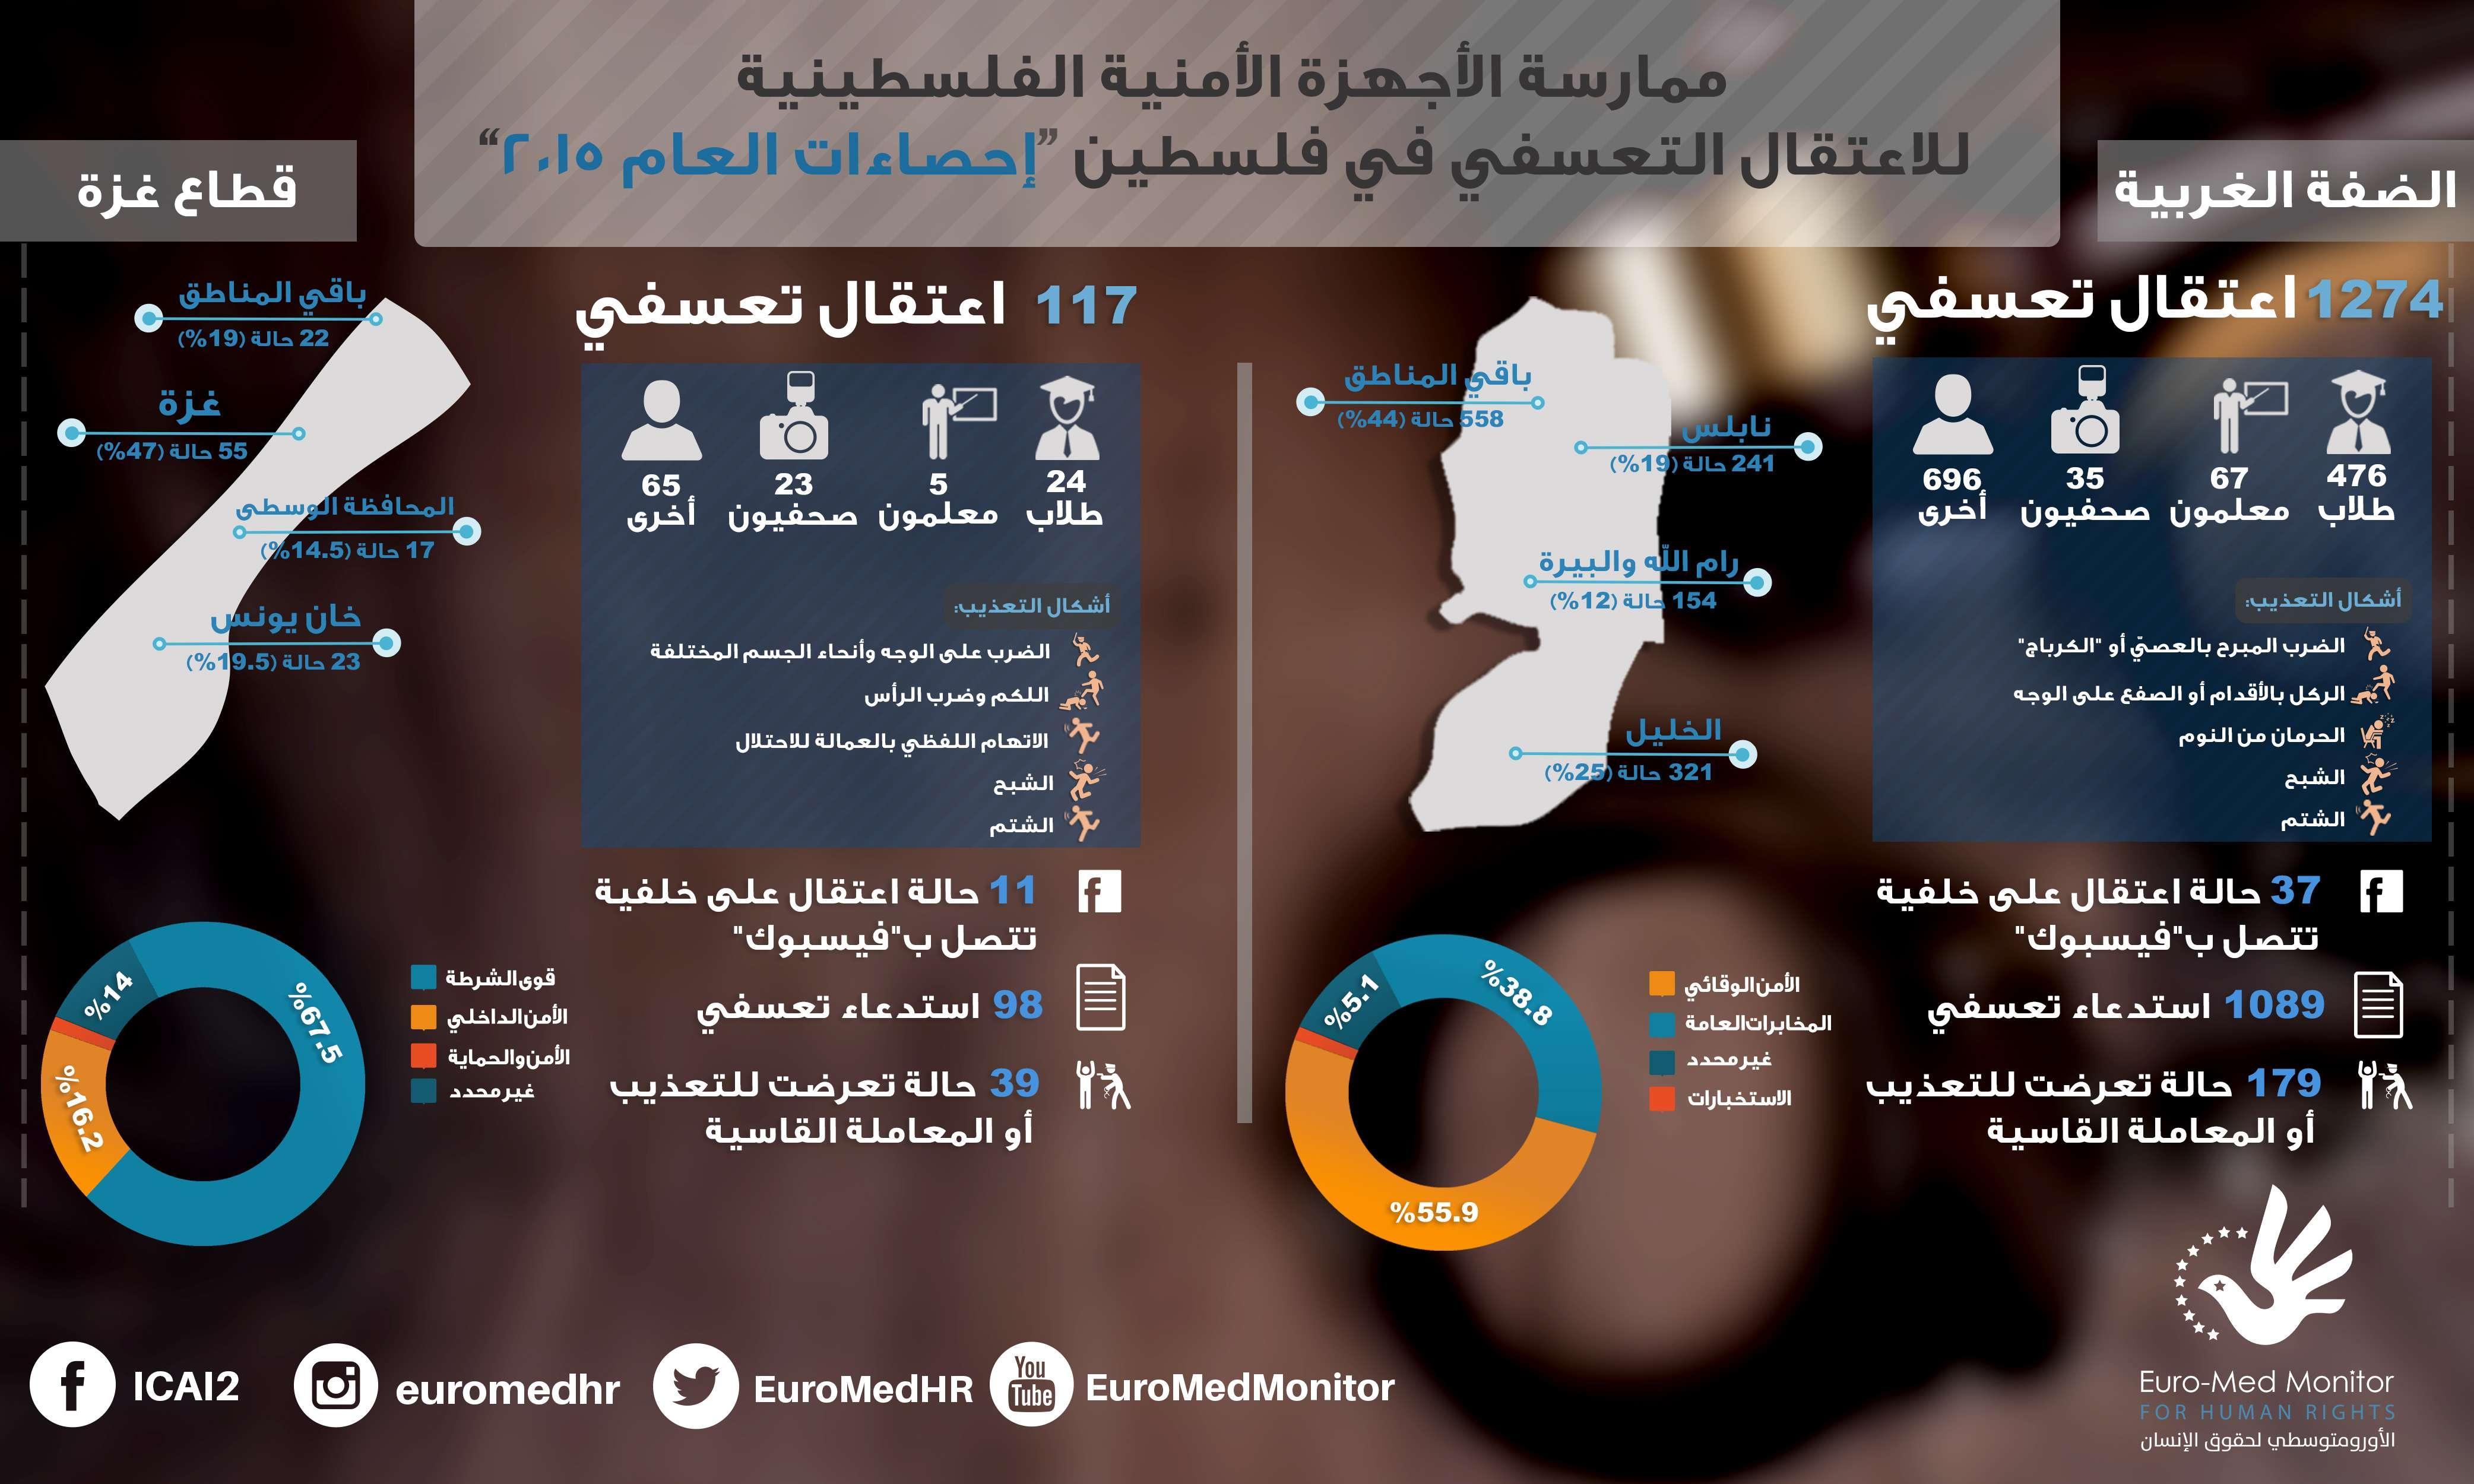 الـخـنـق مـرّتـان: ممارسة الأجهزة الأمنية الفلسطينية للاعتقال التعسفي في فلسطين